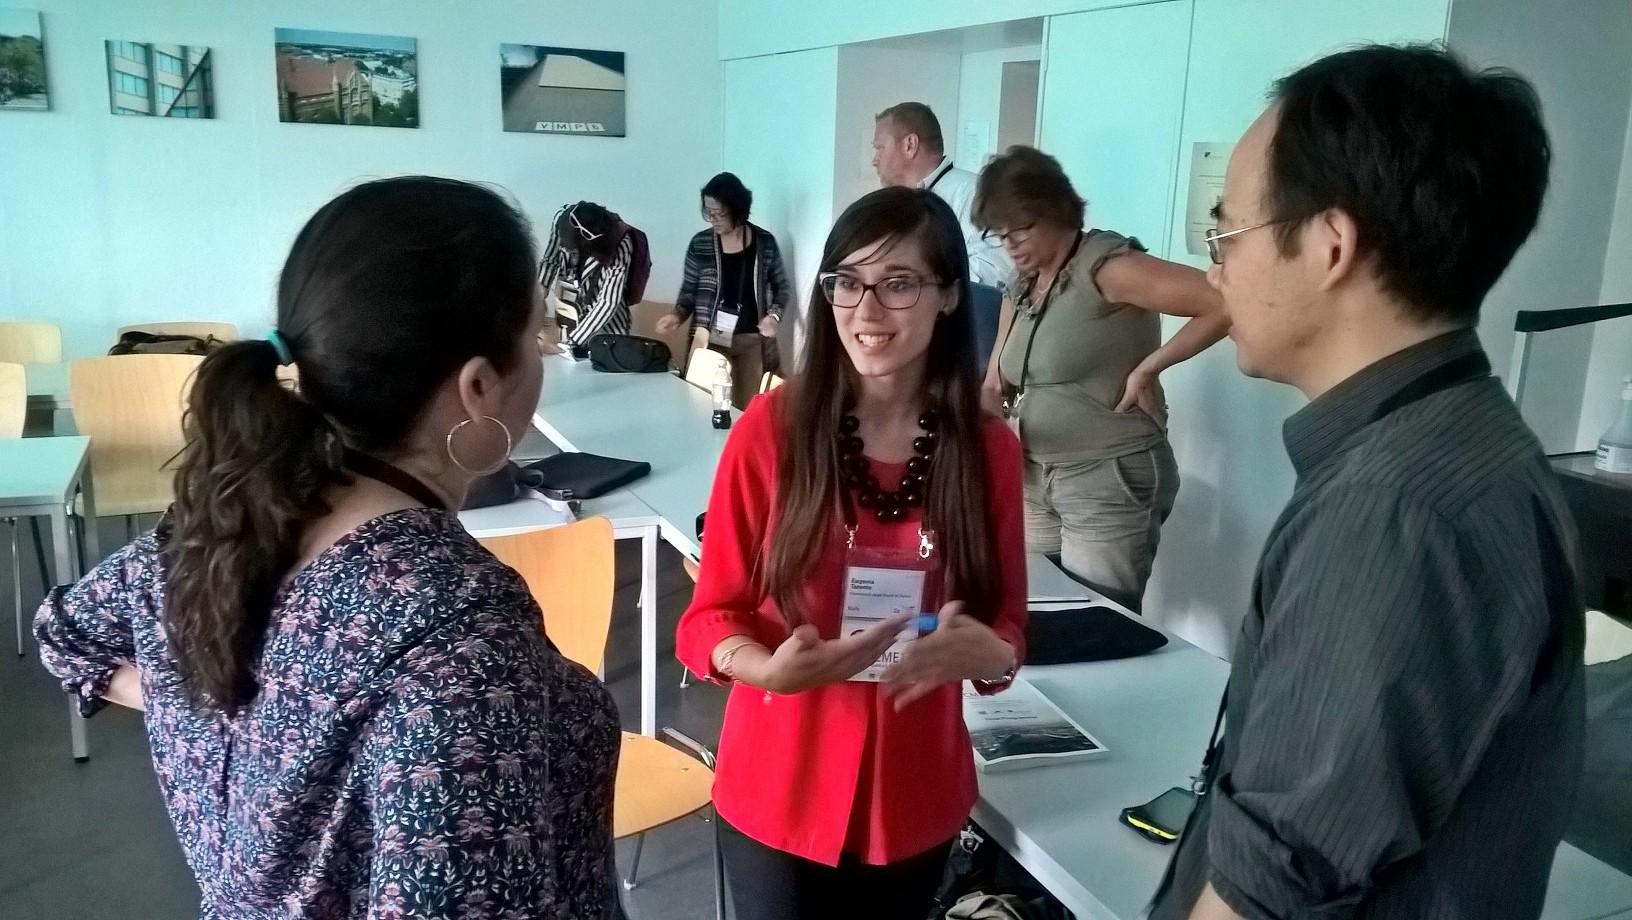 Eugenia Taranto vastaili kuulijoiden kysymyksiin matemaattisen MOOCin salaisuuksista.